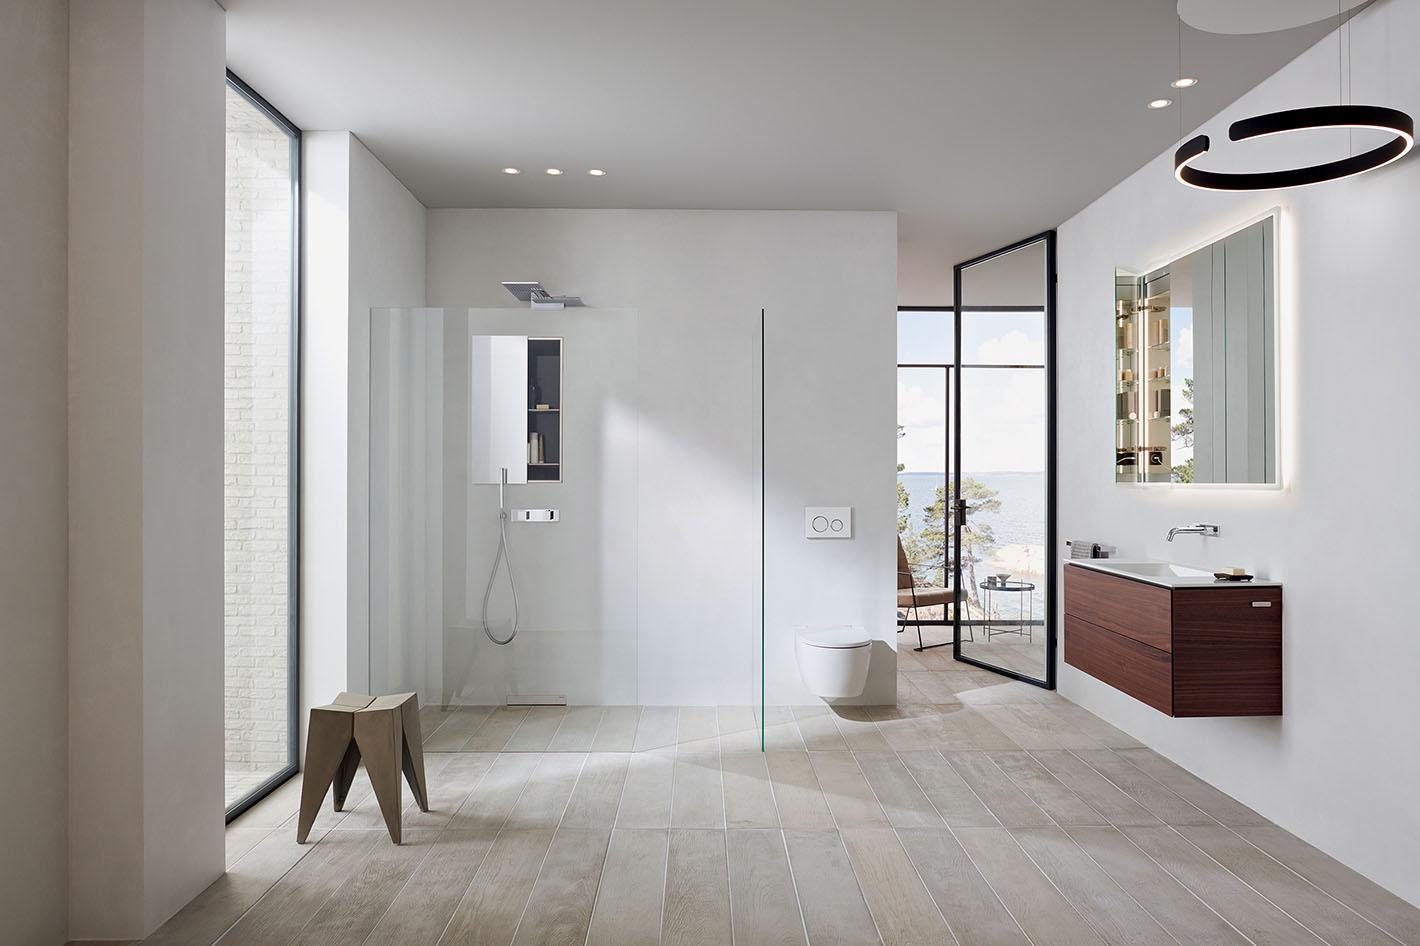 une salle de bain blanche et bois naturel, très épurée avec une vue sur la montagne. Collection Geberit One